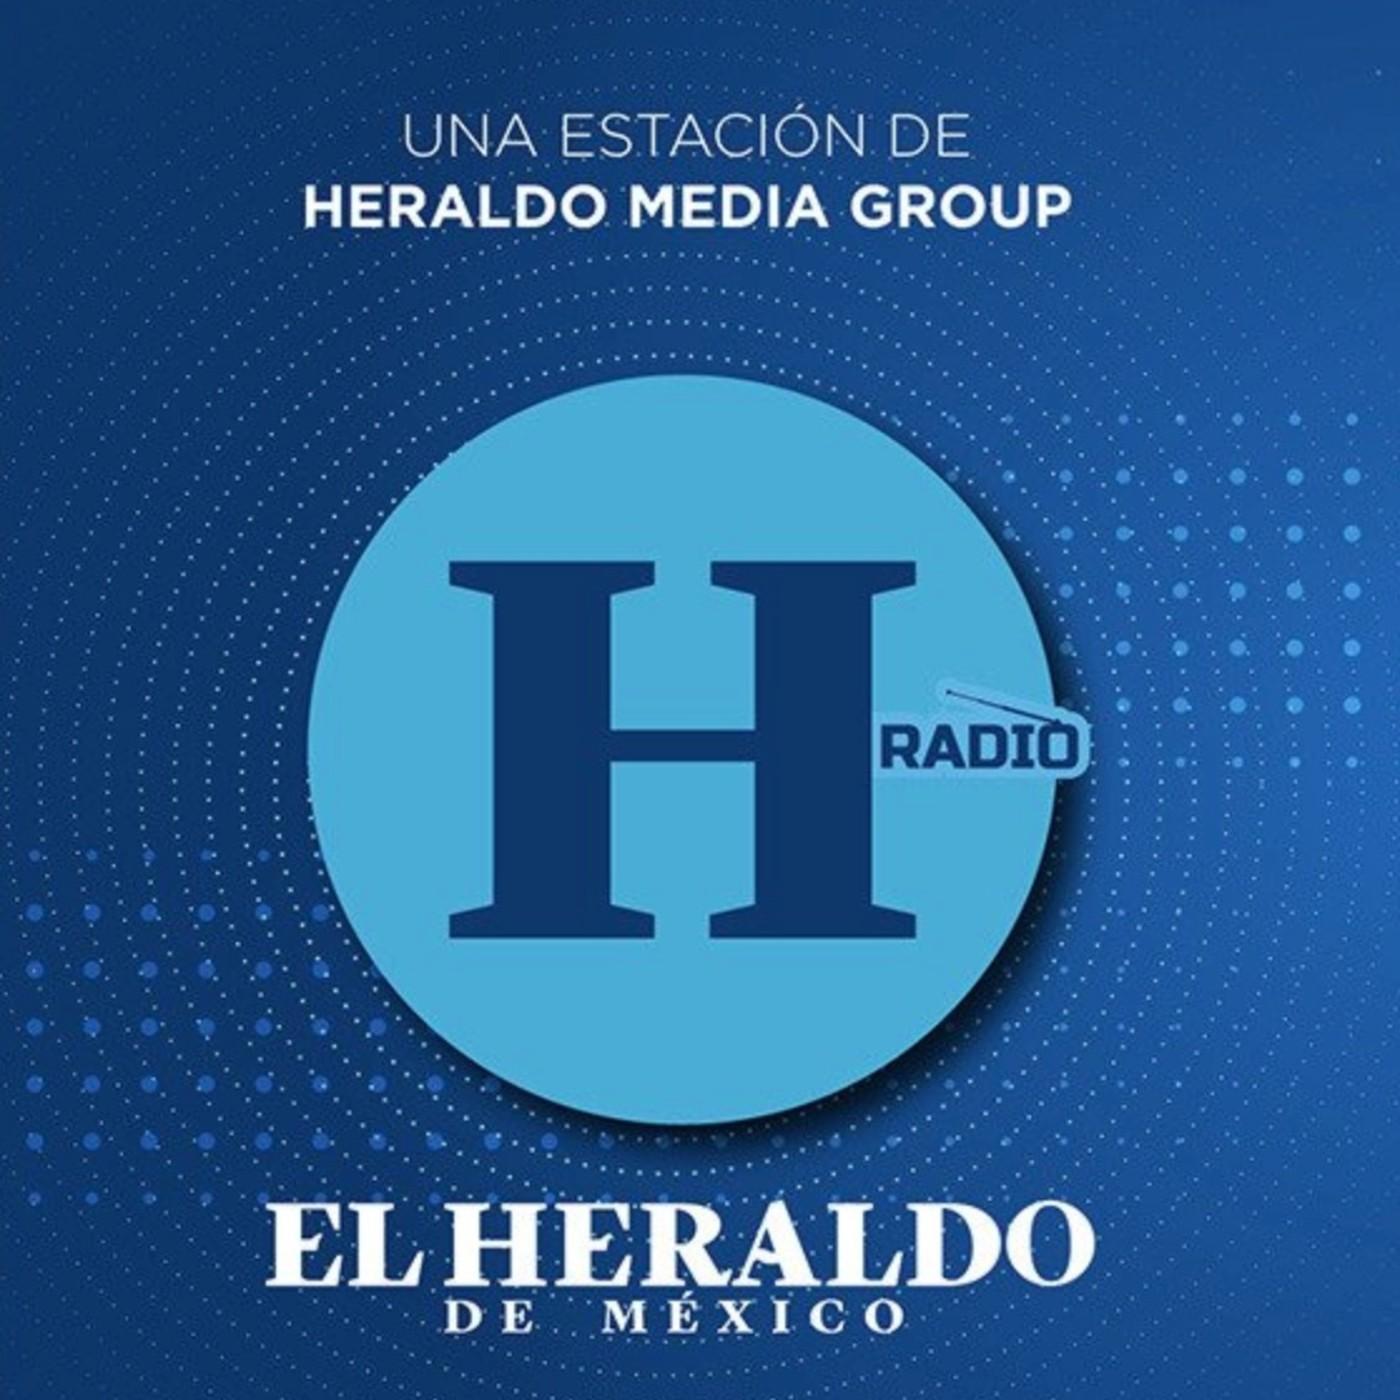 Estatuto de Morena establece que candidatos deberán de separarse de su cargo